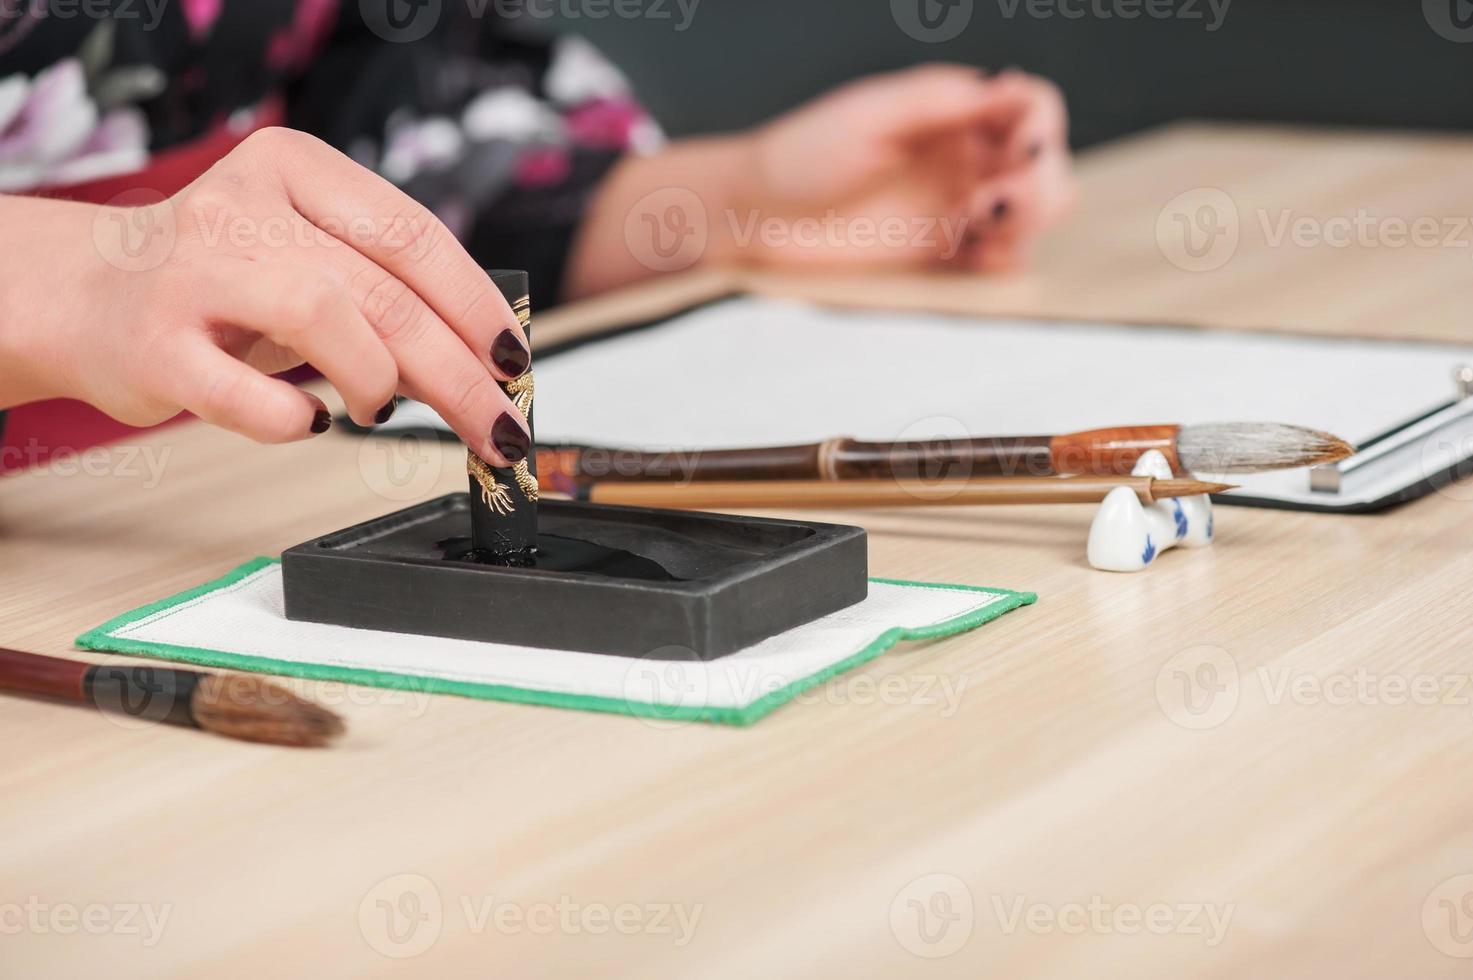 caligrafia tradicional na mesa de madeira foto